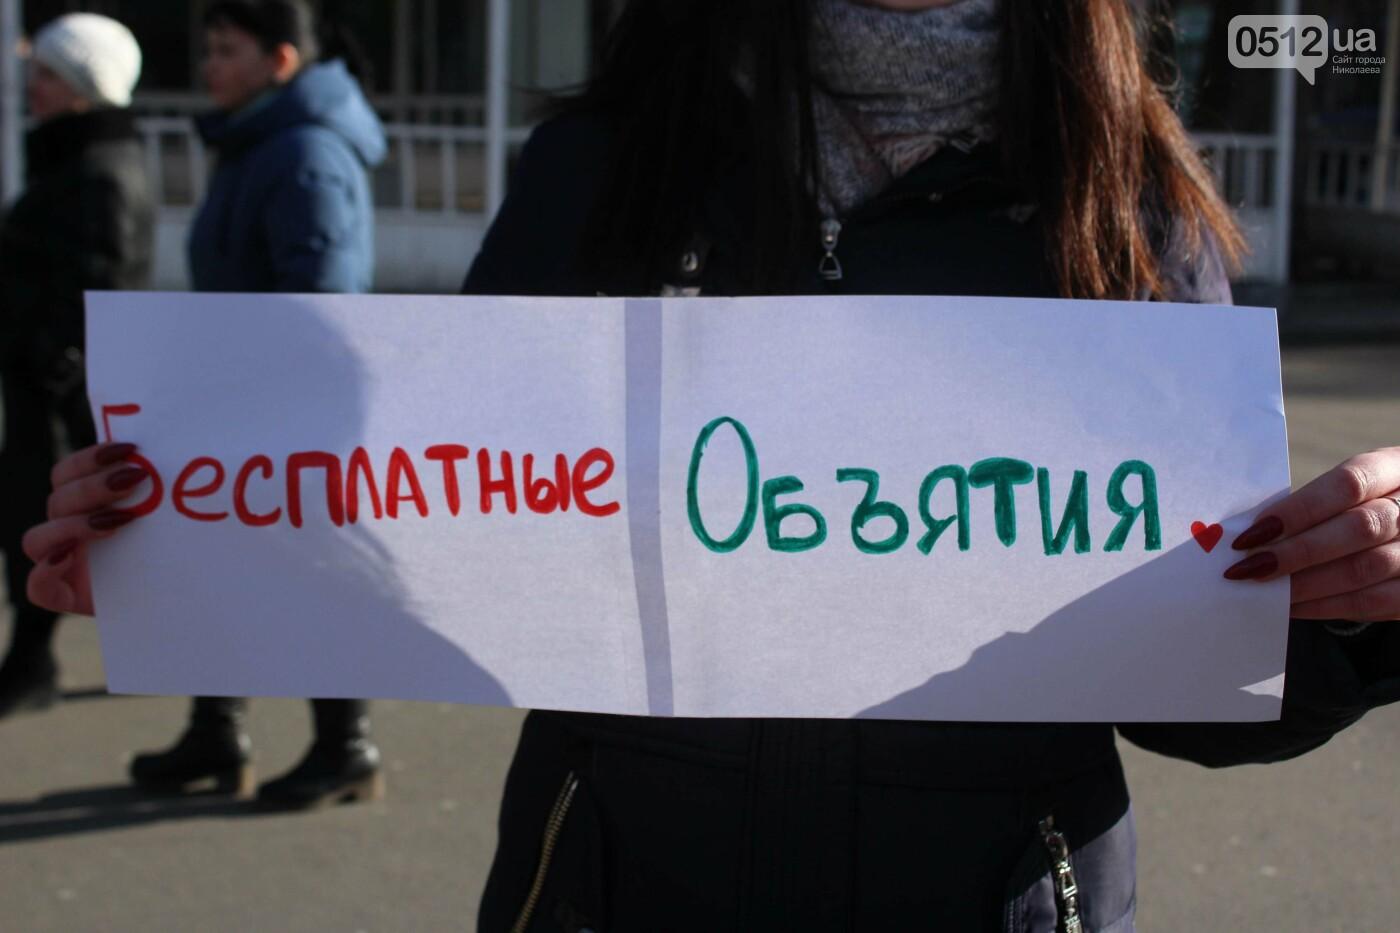 Всемирный день объятий: николаевские журналисты решили порадовать случайных прохожих, - ФОТО, фото-12